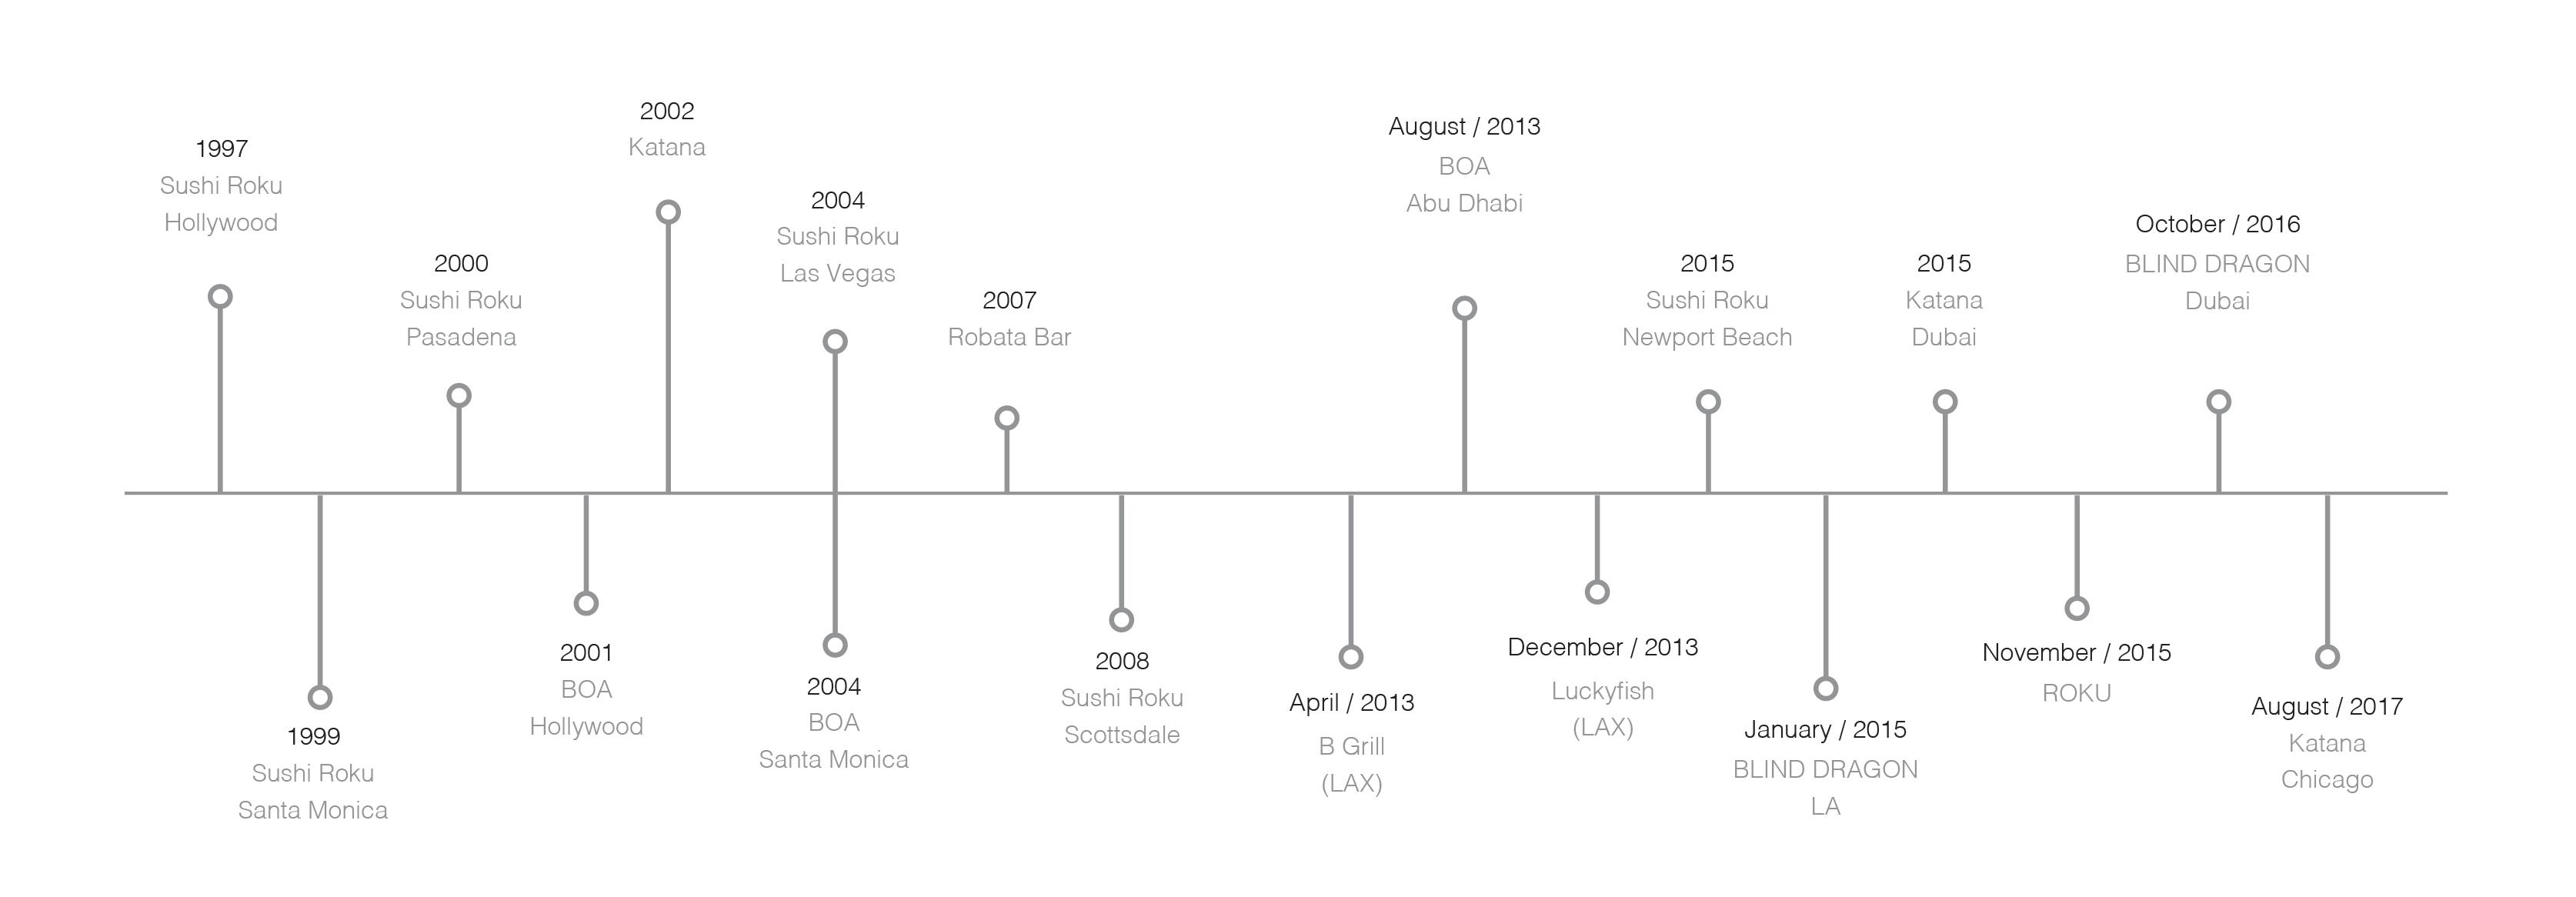 IDG Timeline